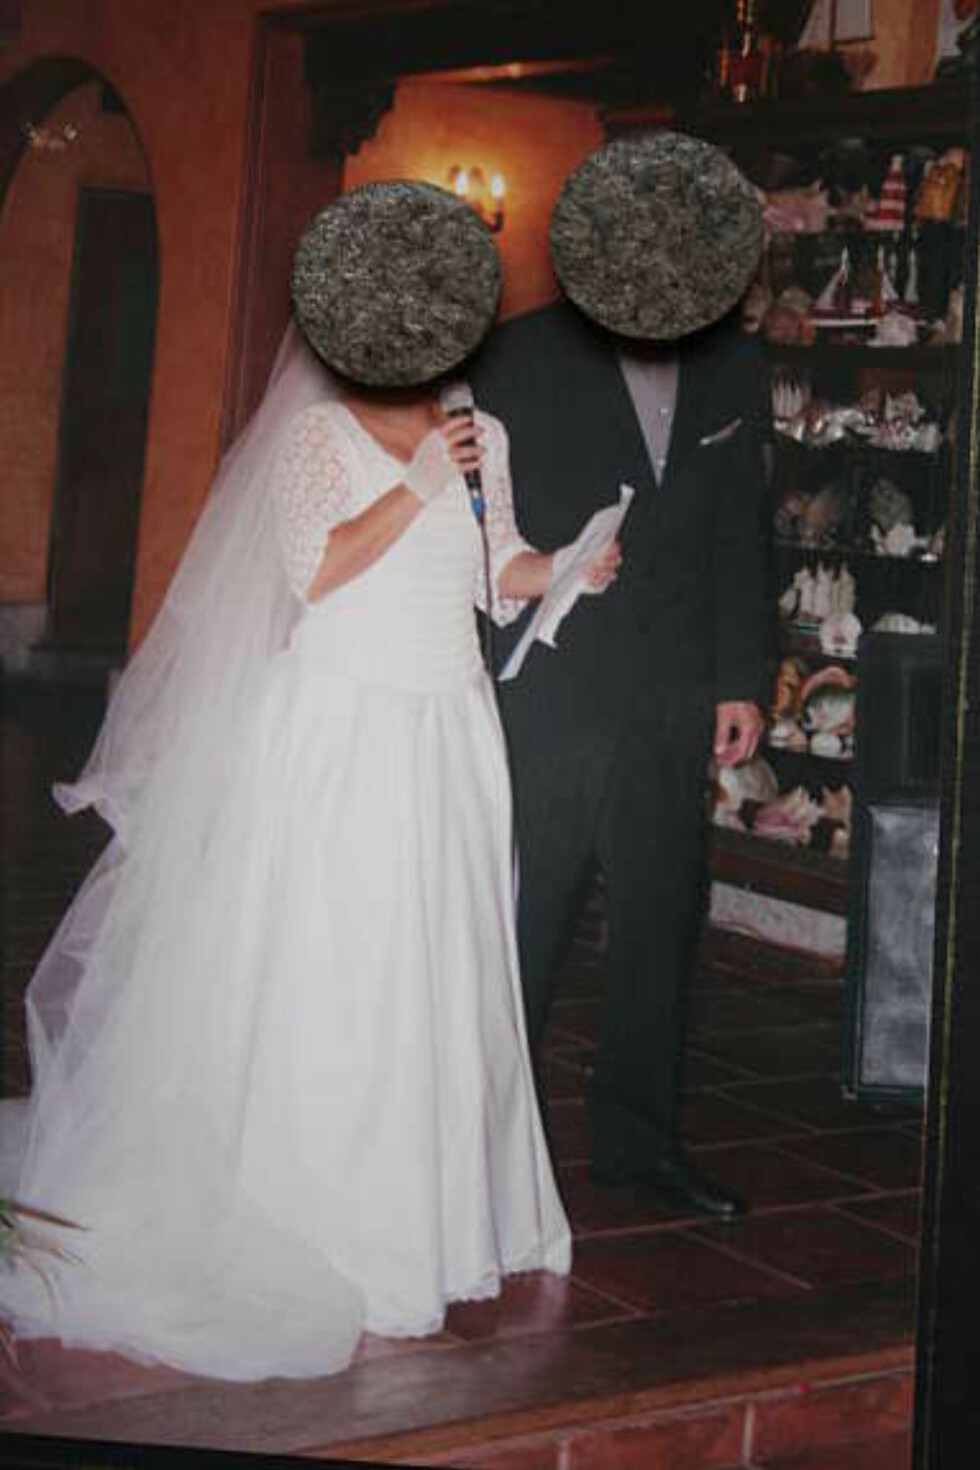 """Talene og sangen var så grusomme at fotografen ble nødt til å anonymisere brudeparet i etterkant. """"AIAIAI! STEINANSIKT!"""" En kommentar fra Facebook. Foto: Faksimile: Finn.no"""